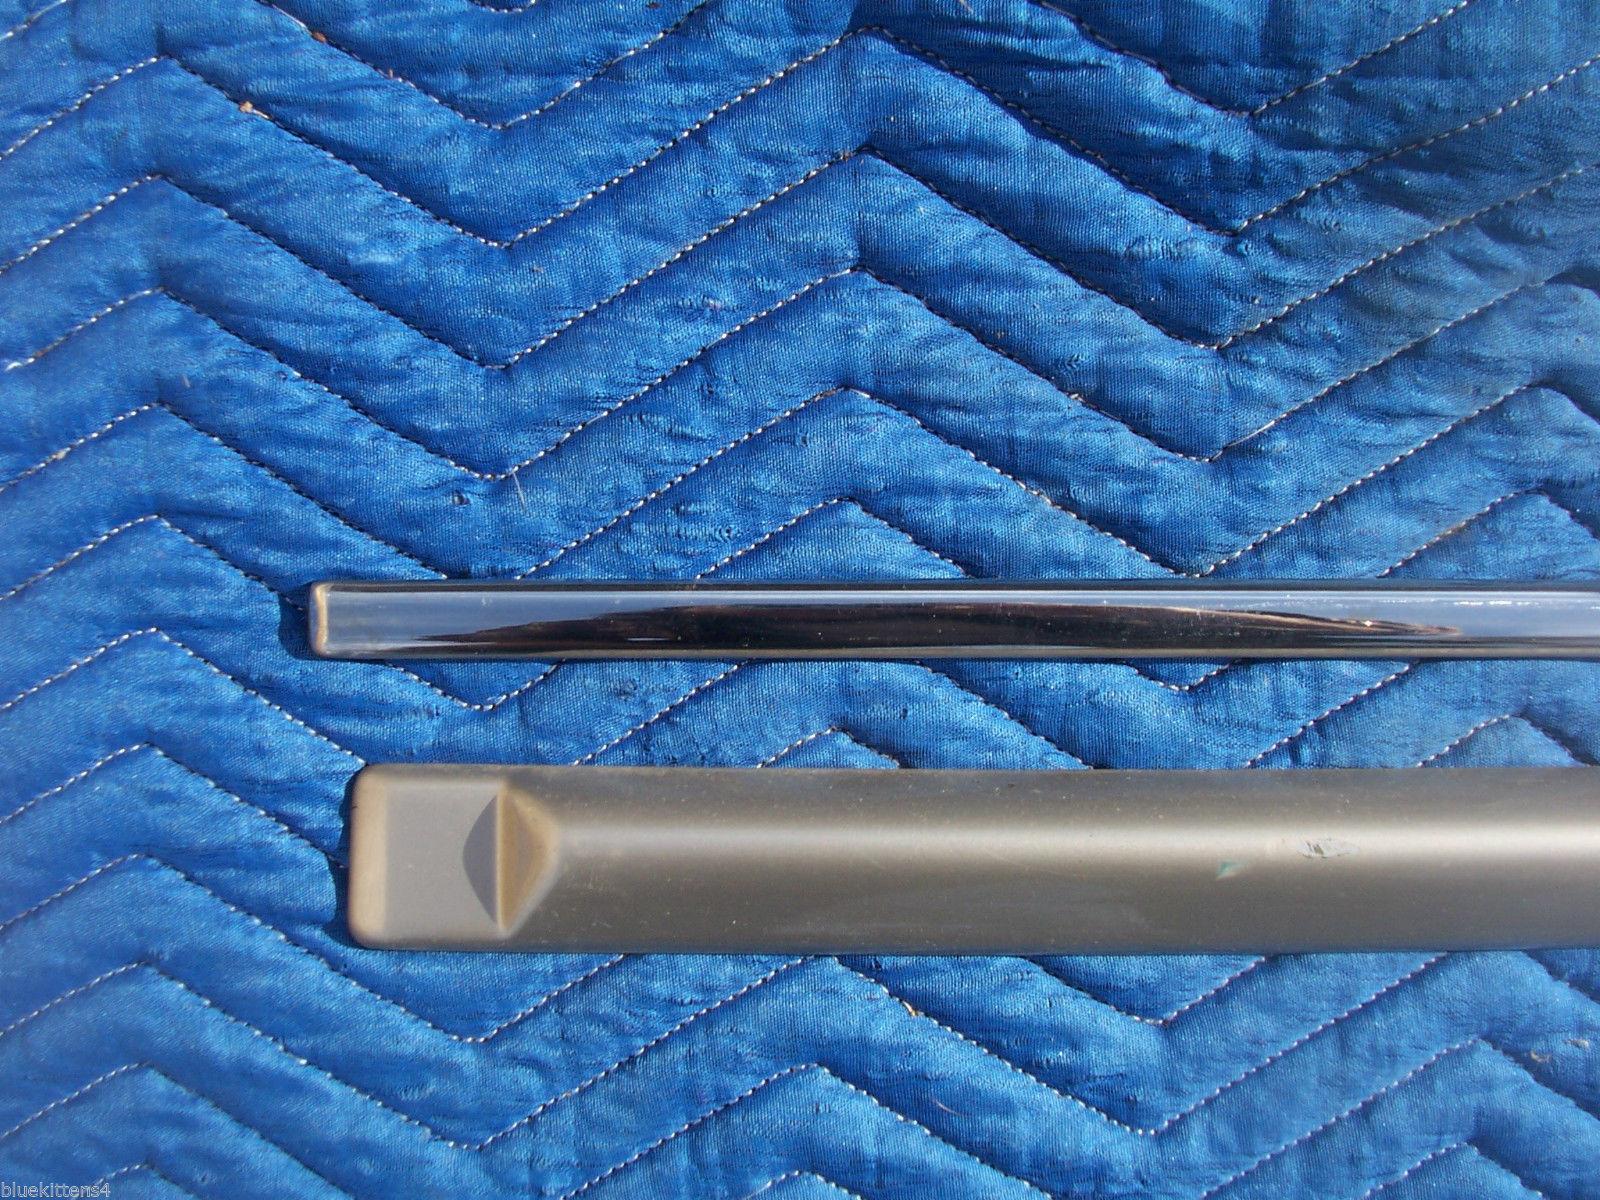 1997 JAGUAR XJ6 VANDEN RIGHT FRONT DOOR TRIM MOLDING ORIGINAL JAG  XJ PART 1995 image 2